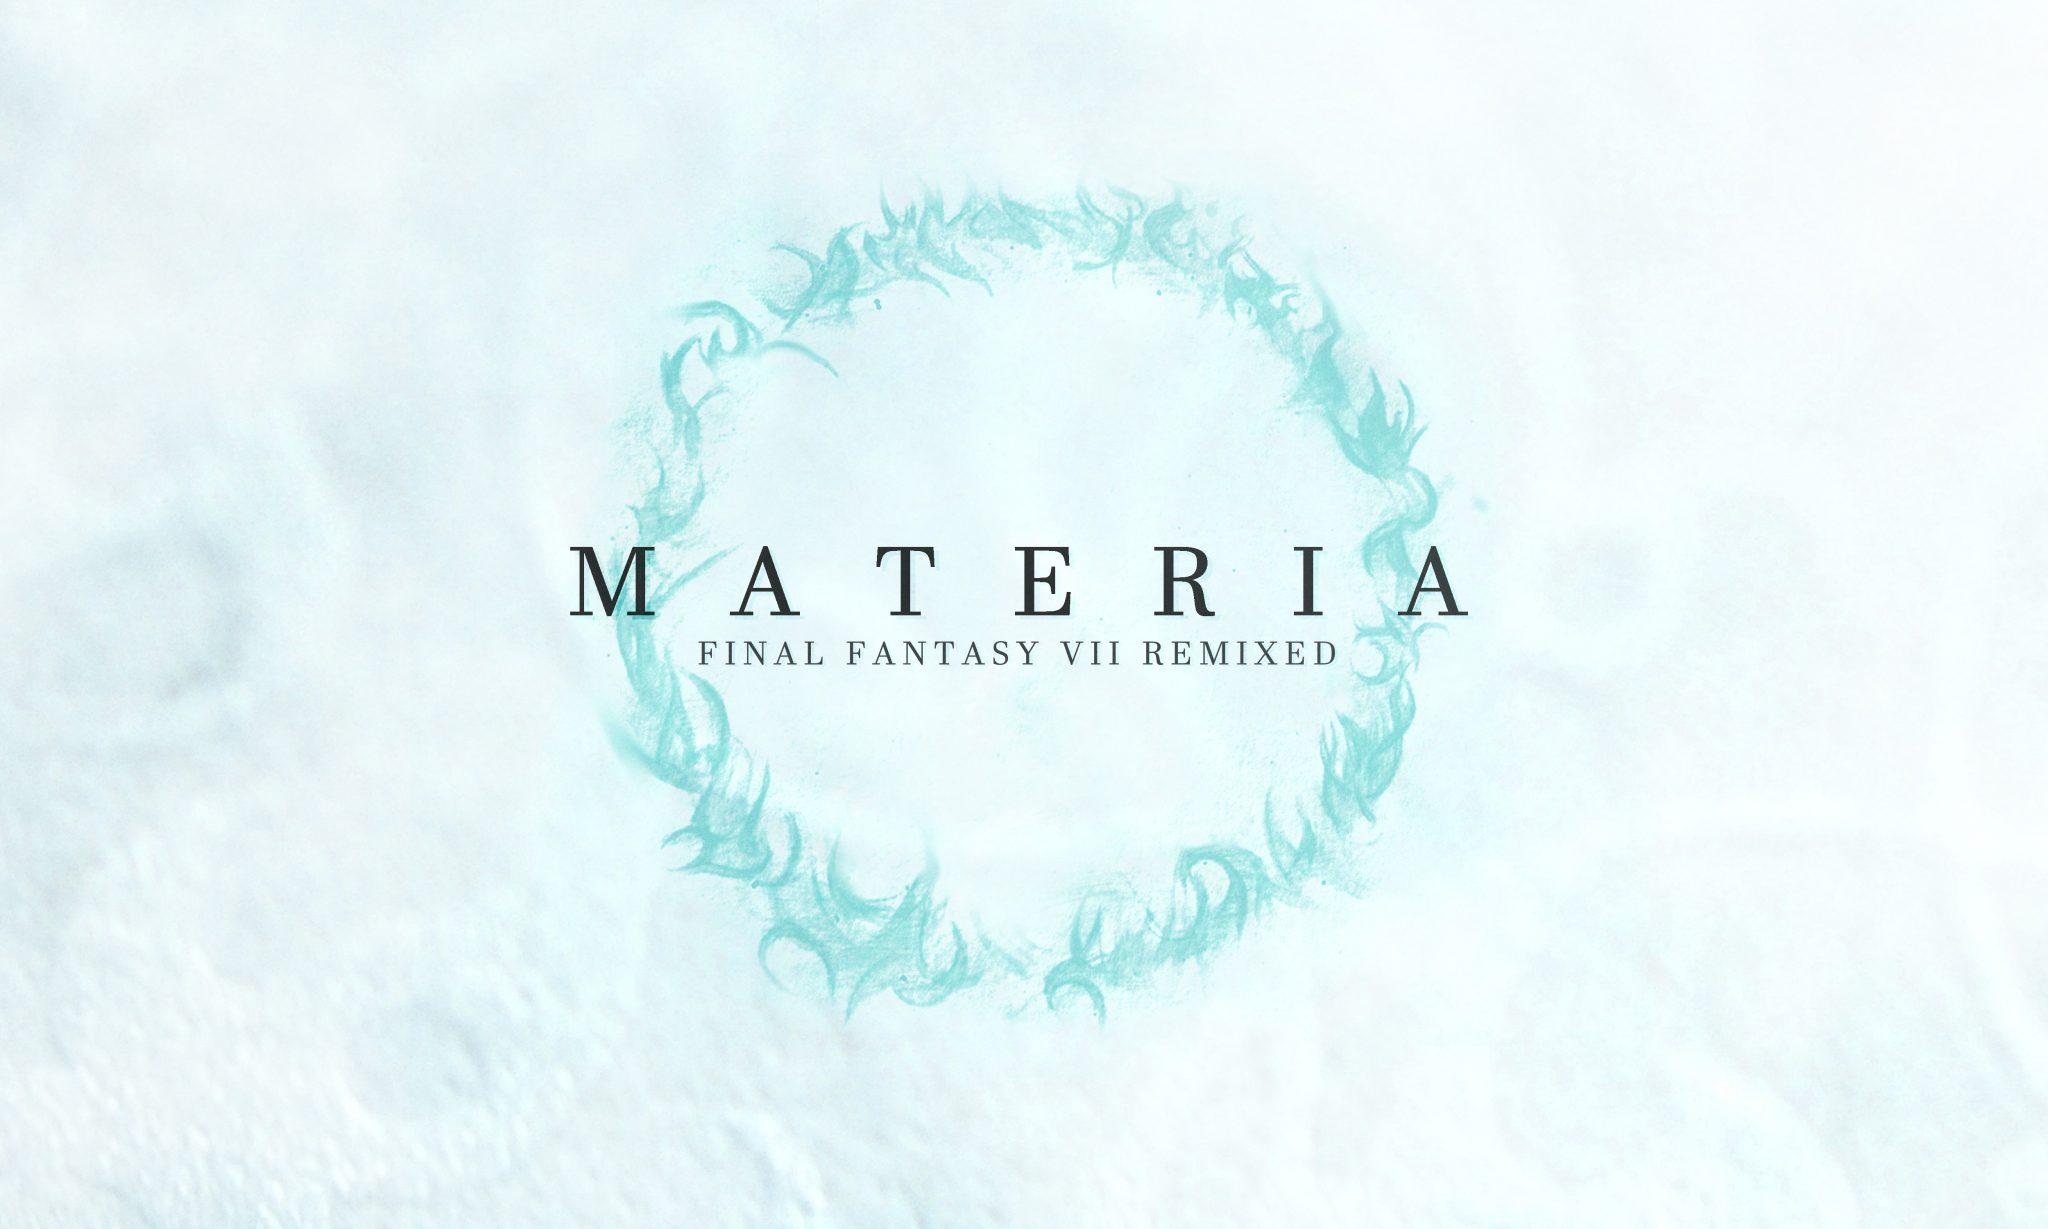 MATERIA Final Fantasy VII Remixed - design spread